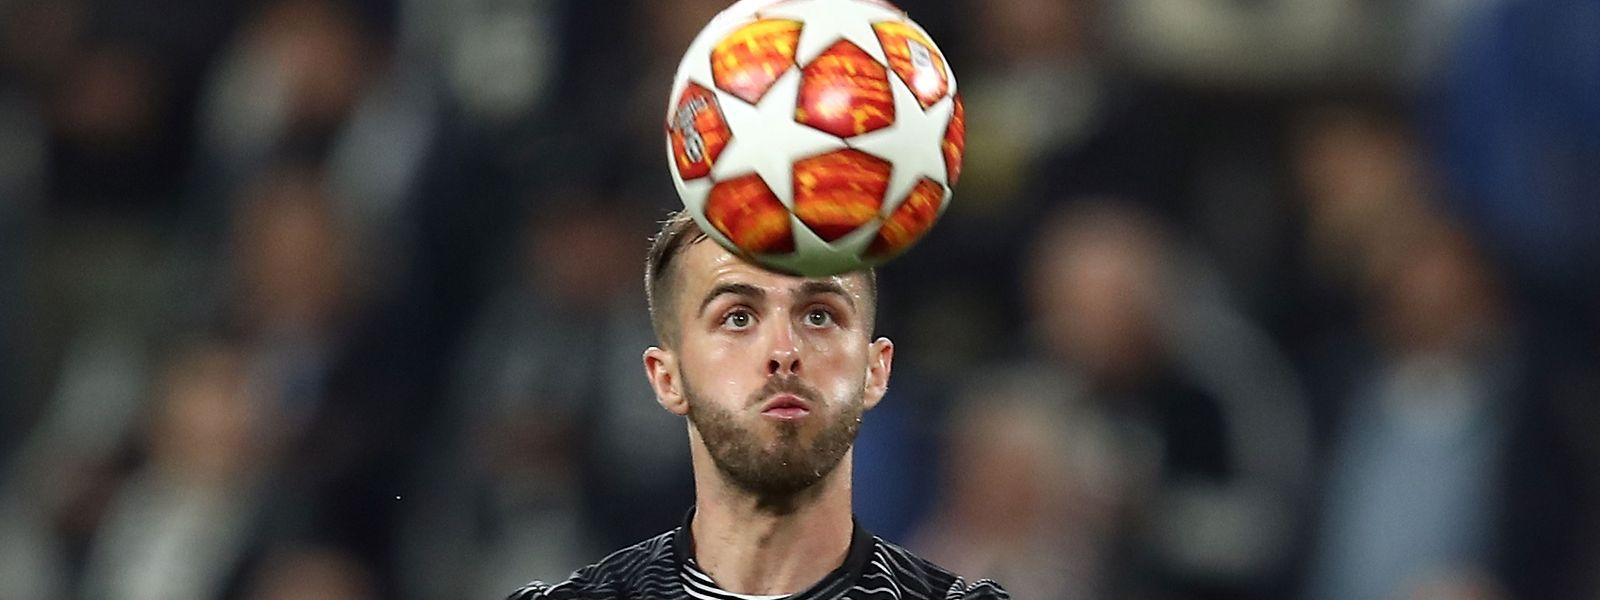 Miralem Pjanic ist von Juventus Turin zum FC Barcelona gewechselt. Derzeit kann der Mittelfeldspieler aber nicht trainieren.